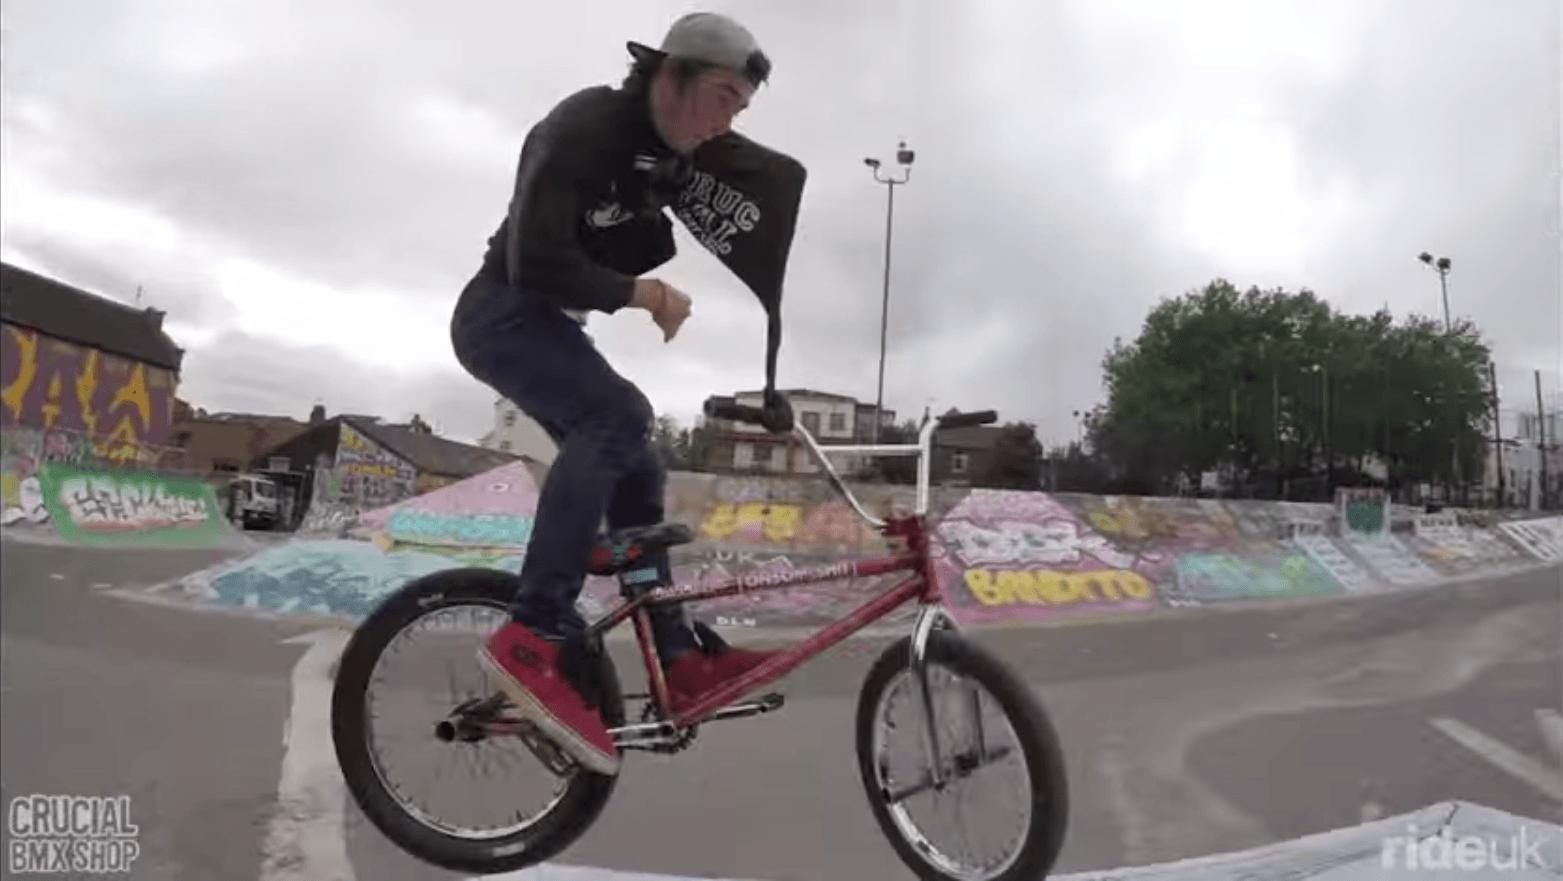 Crucial BMX: One Arm, No Excuses